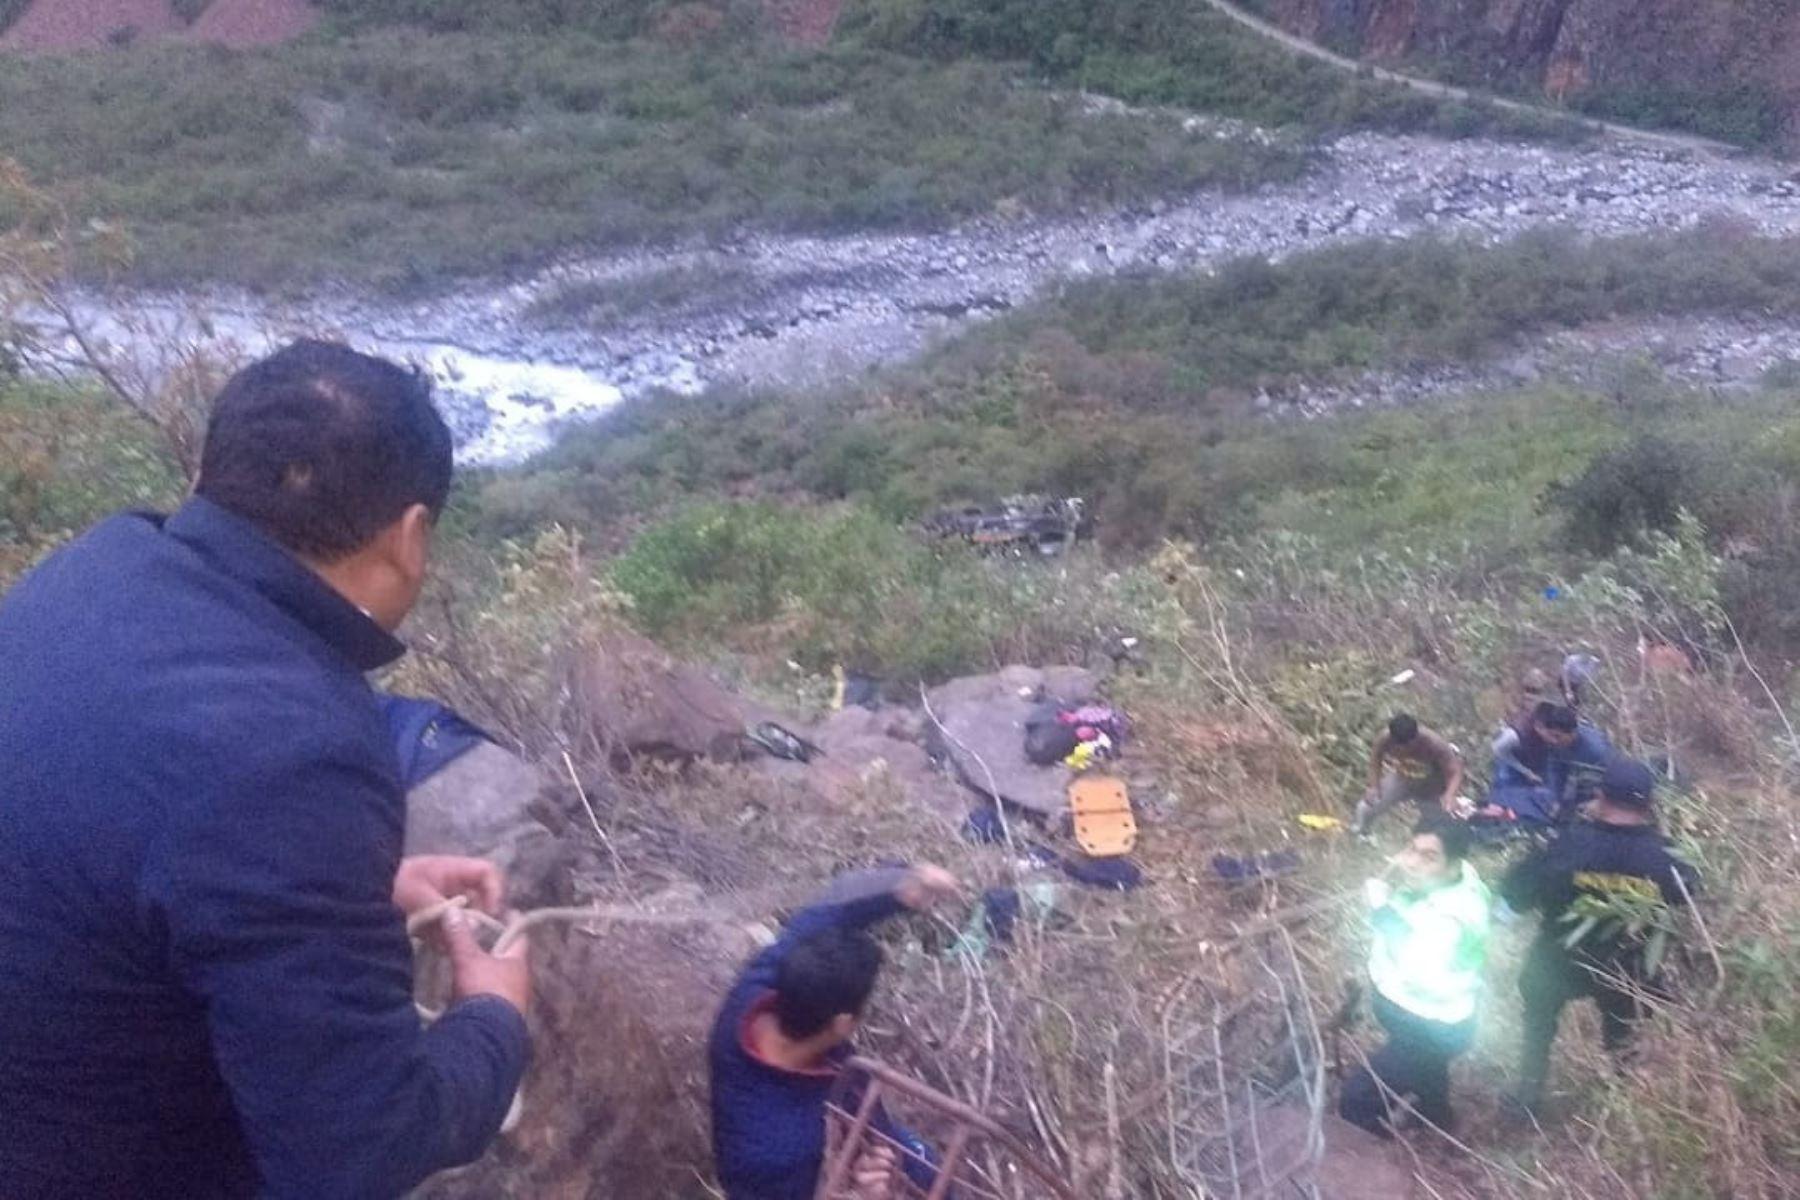 Personal de la Sutran que se encuentra en la zona del accidente en la vía Interoceánica, que habría dejado 23 fallecidos y 30 heridos.